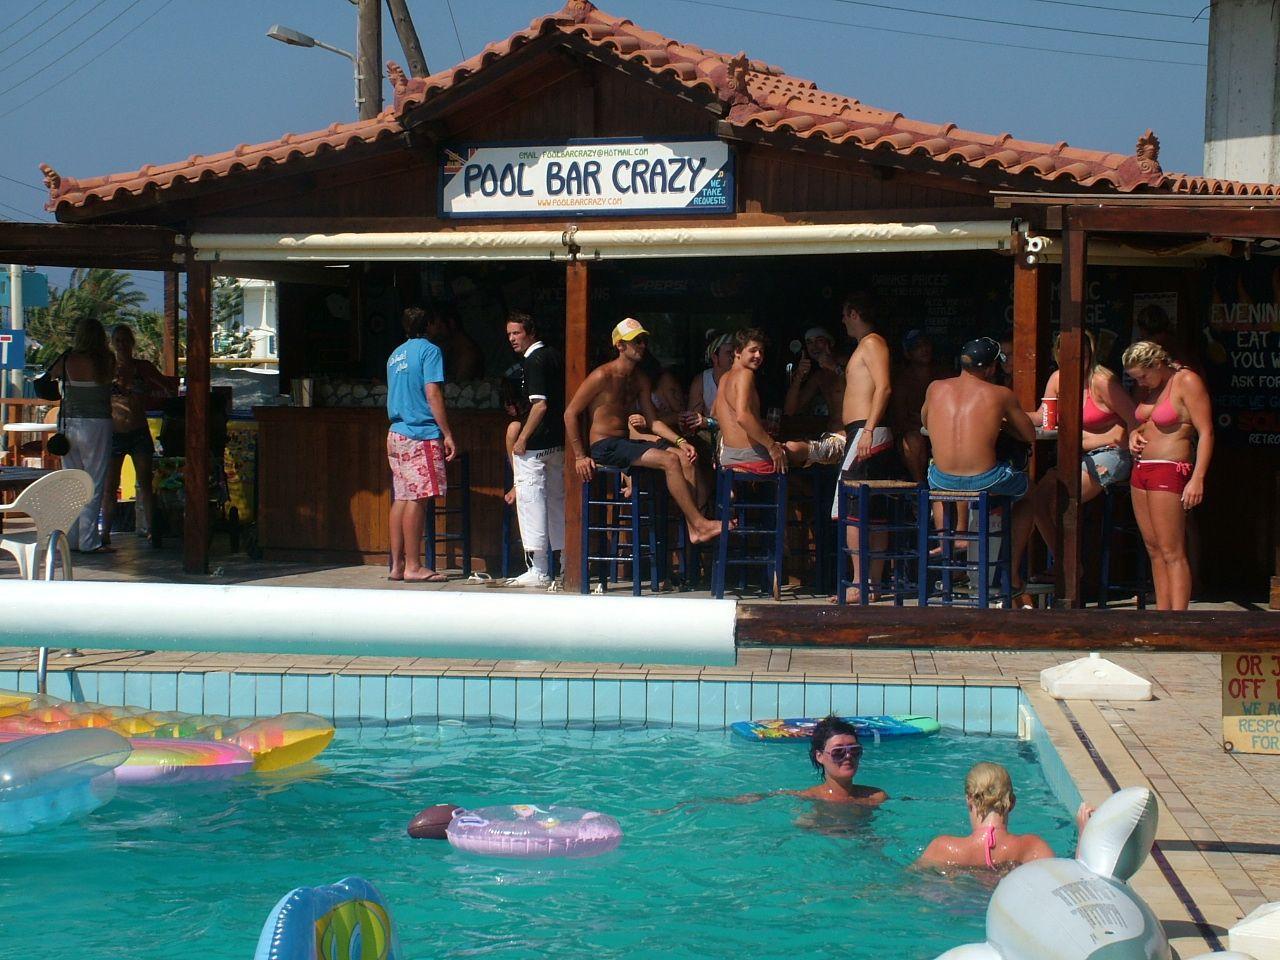 Pool Bar Crazy,